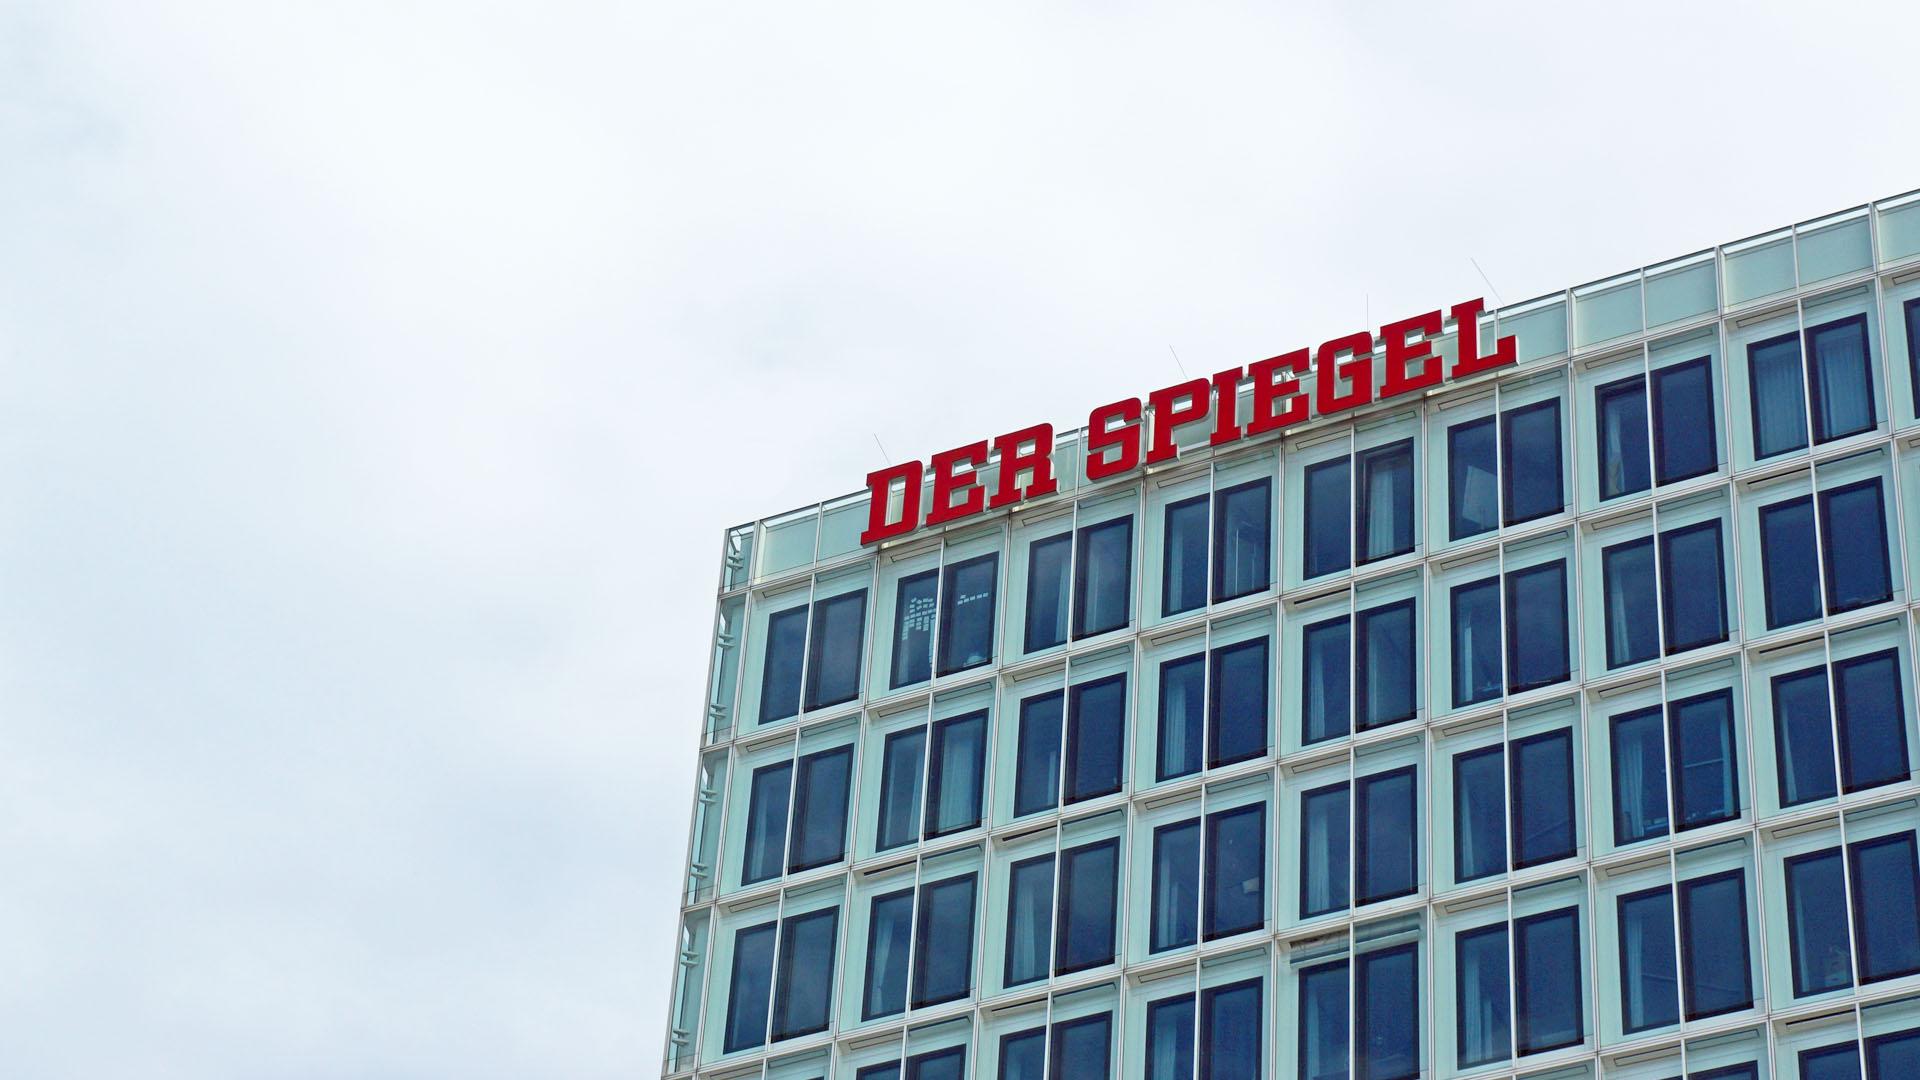 """Verlagsgebäude """"Der Spiegel"""""""